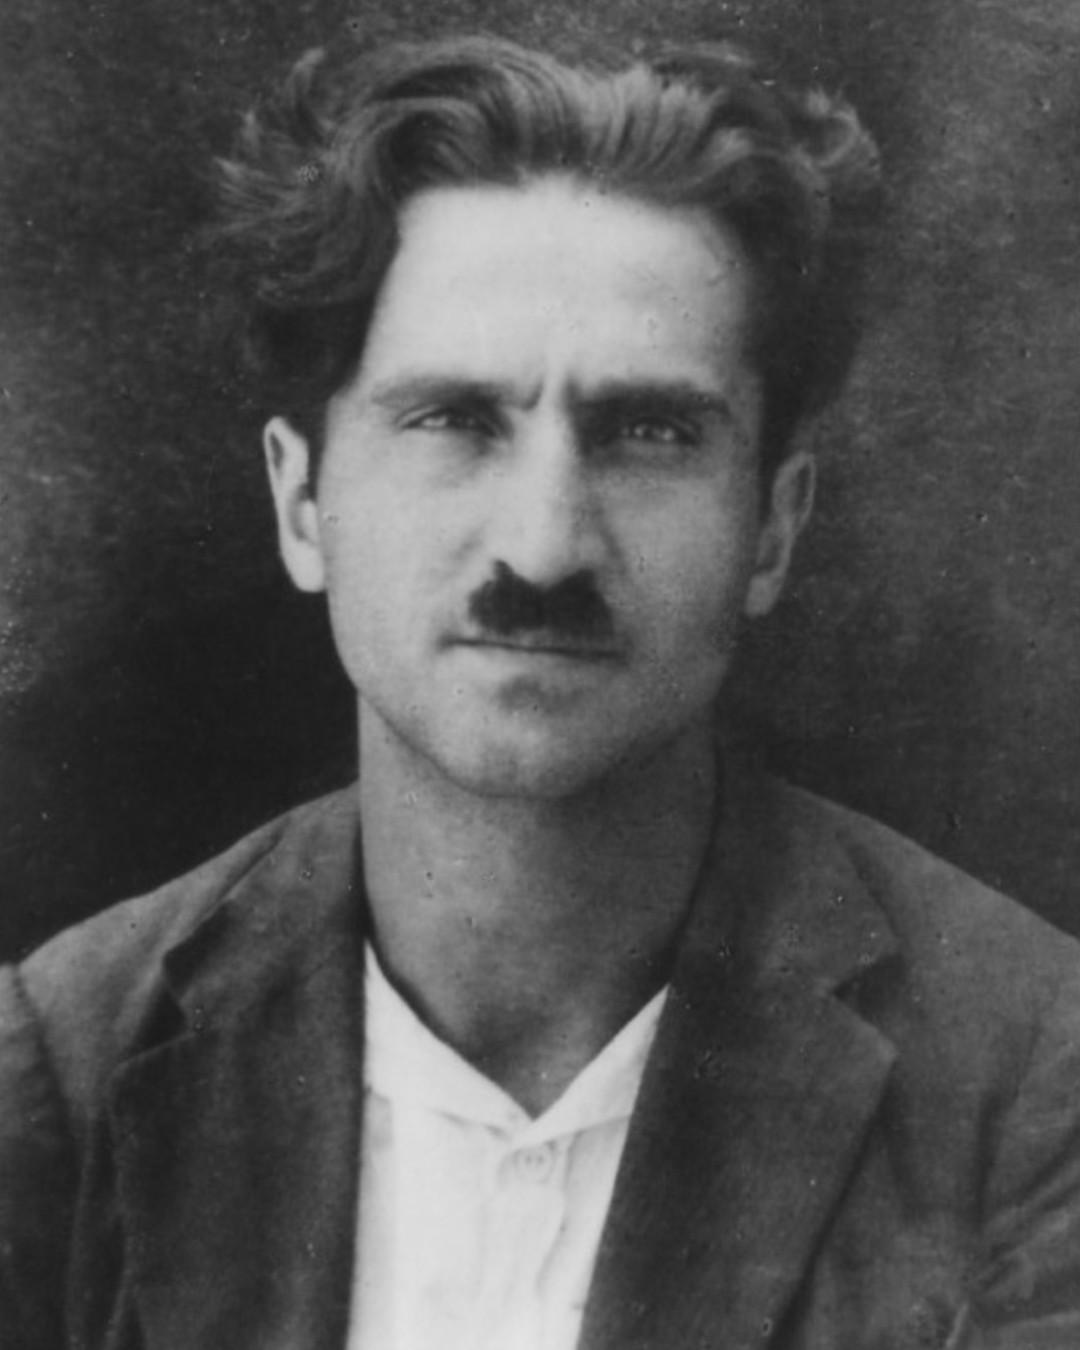 לוחם אנטי פאשיסטי ומנהיג קומוניסט פלסטיני: מוחמד נג'אטי סידקי נולד ב-15 במאי 1905